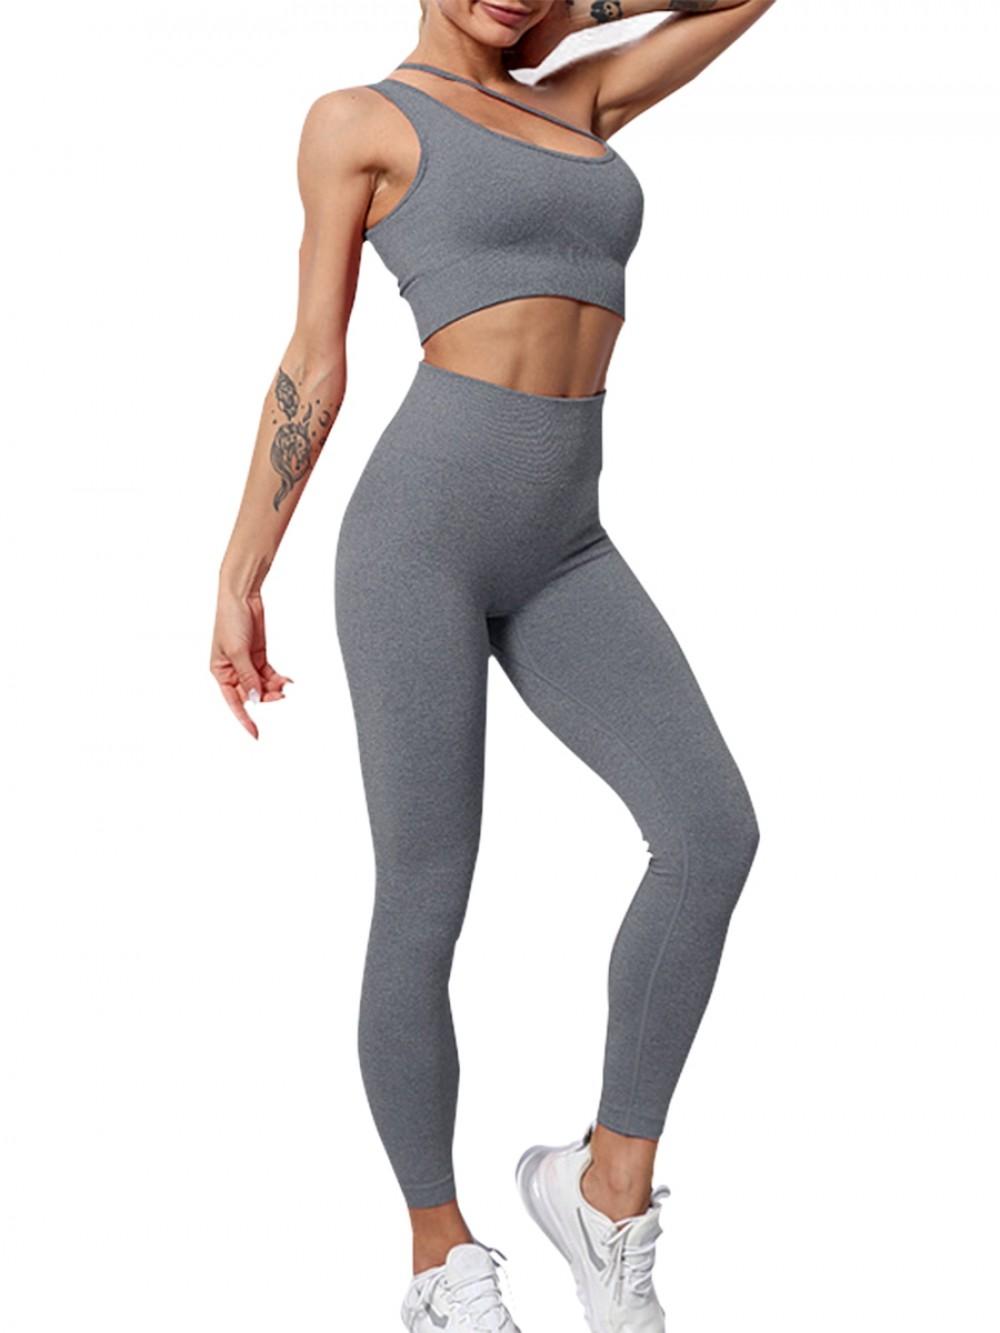 Gray Slanting Straps Yoga Bra Seamless Leggings Absorbs Moisture